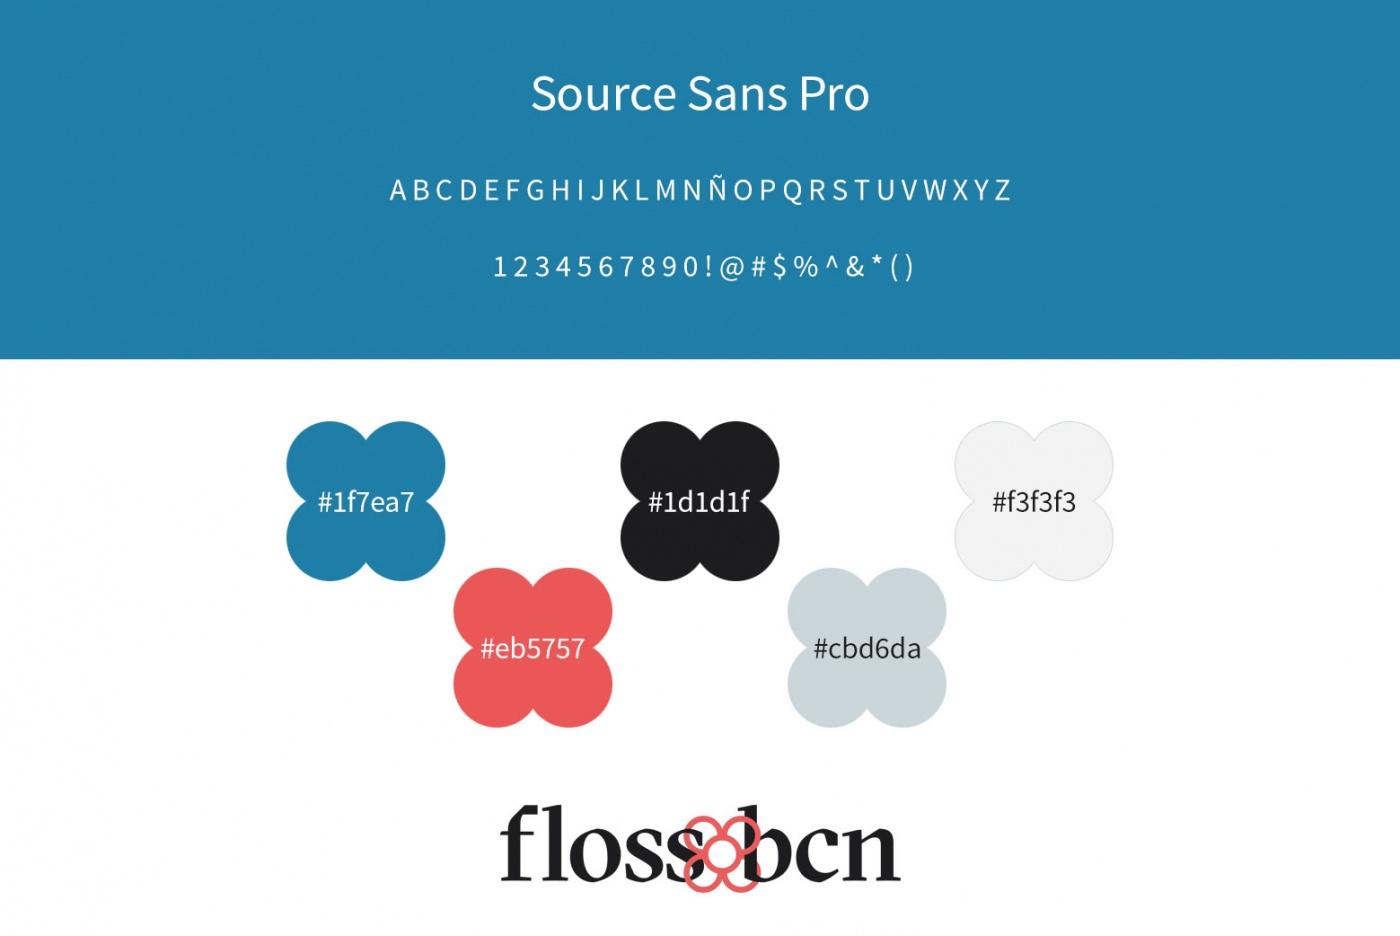 FlossBcn